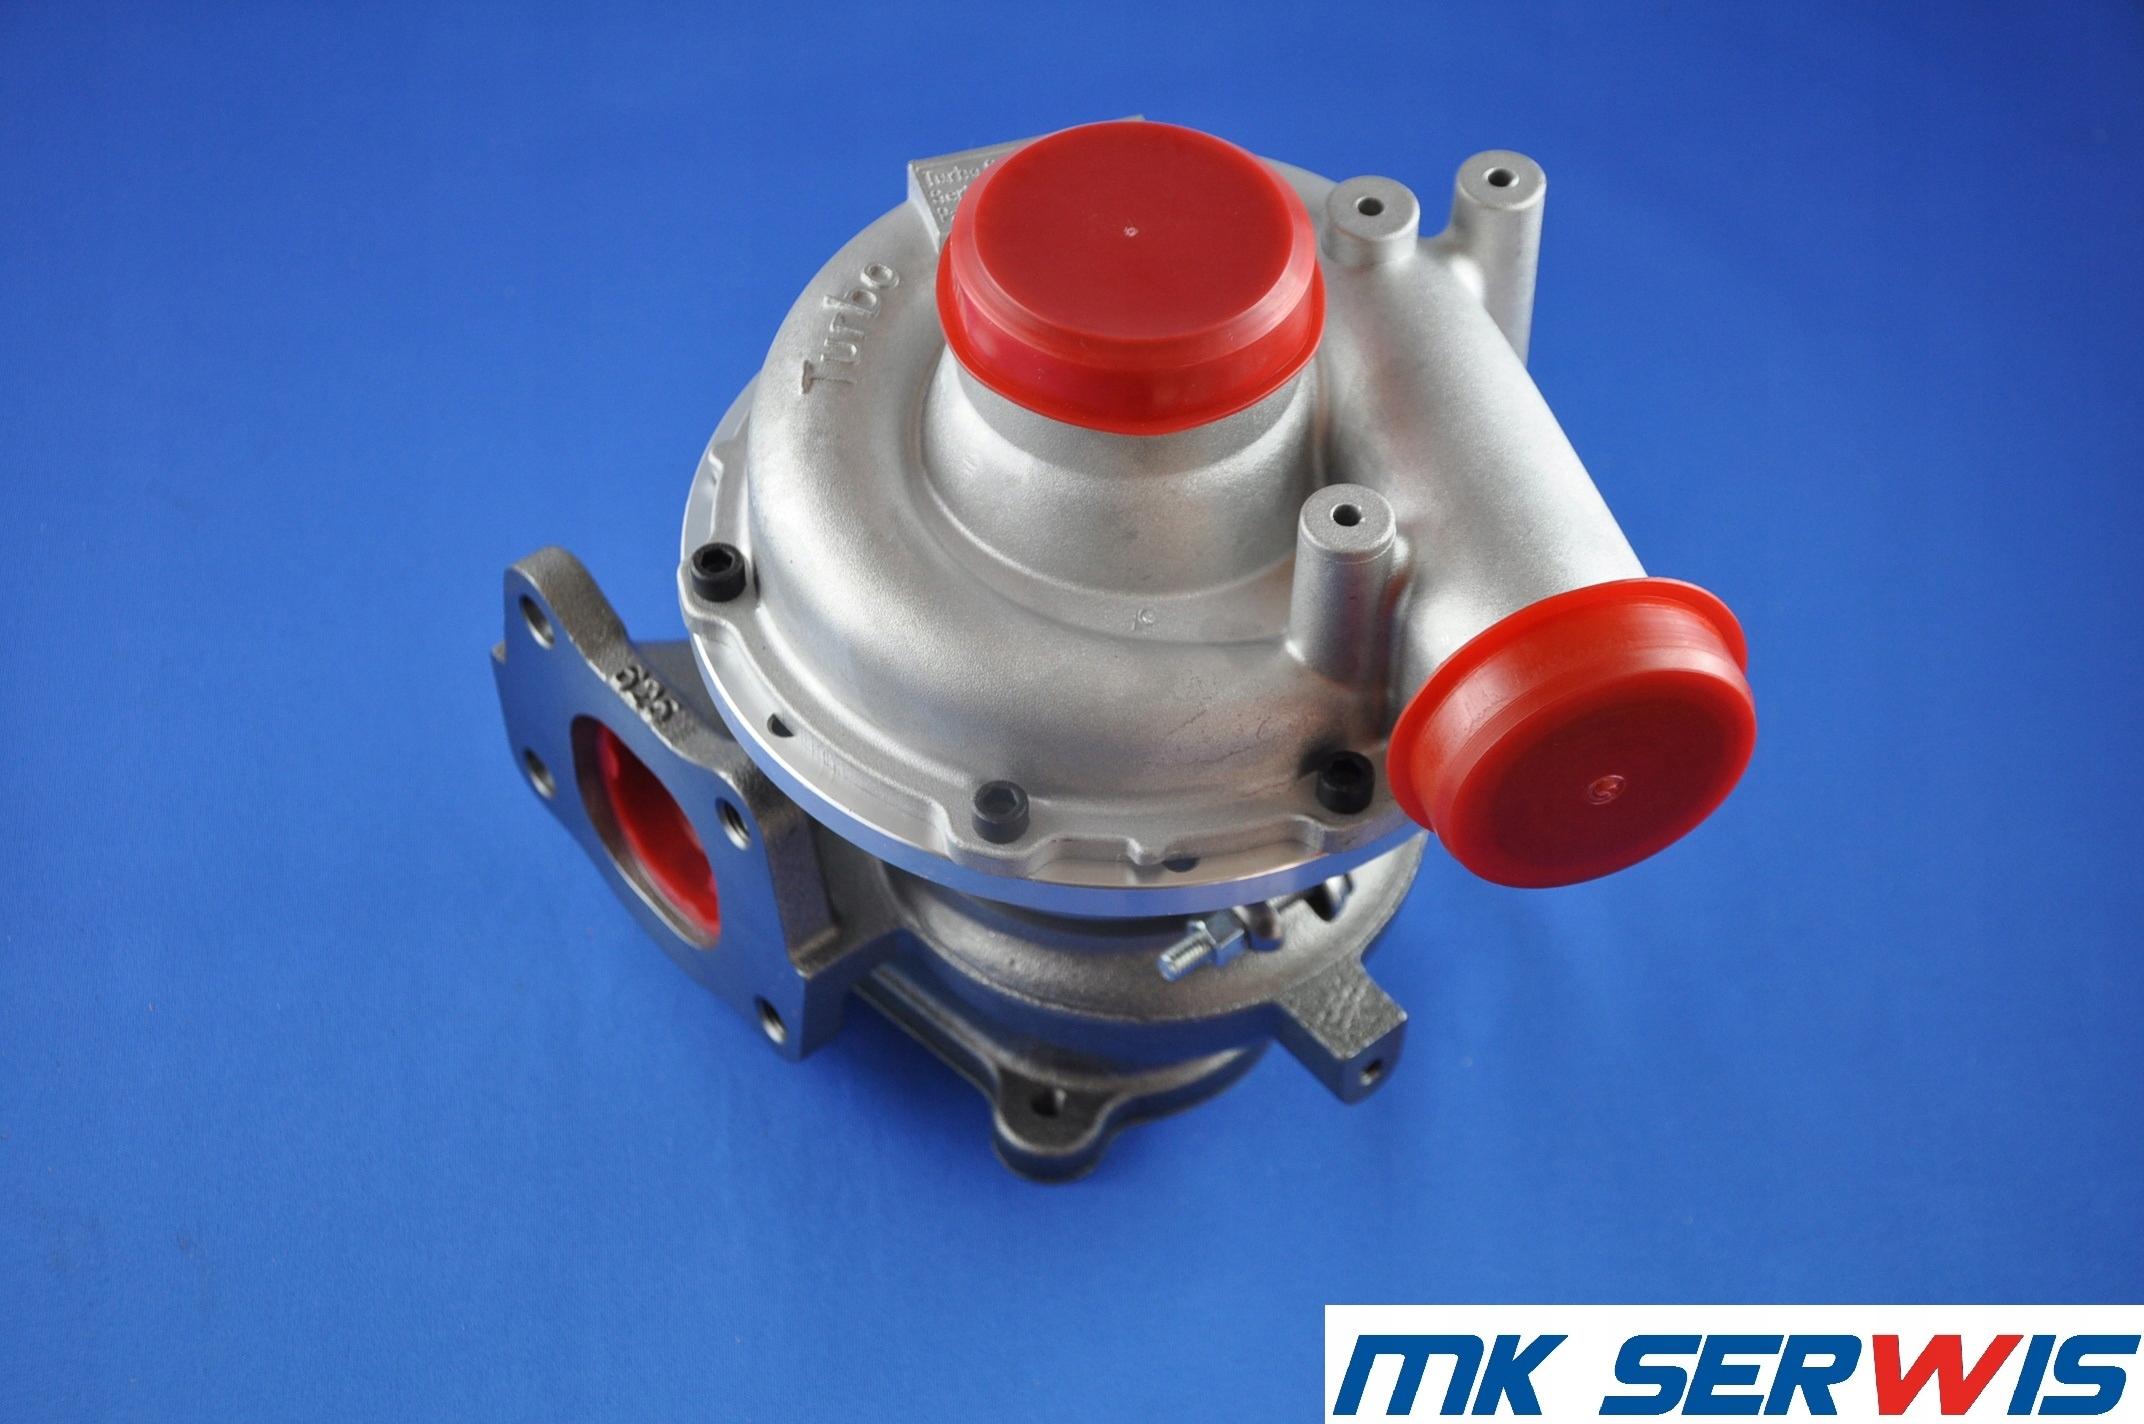 TURBO COMPRESSOR Turbo ENGINE ISUZU 4HK1,6HK1, JCB